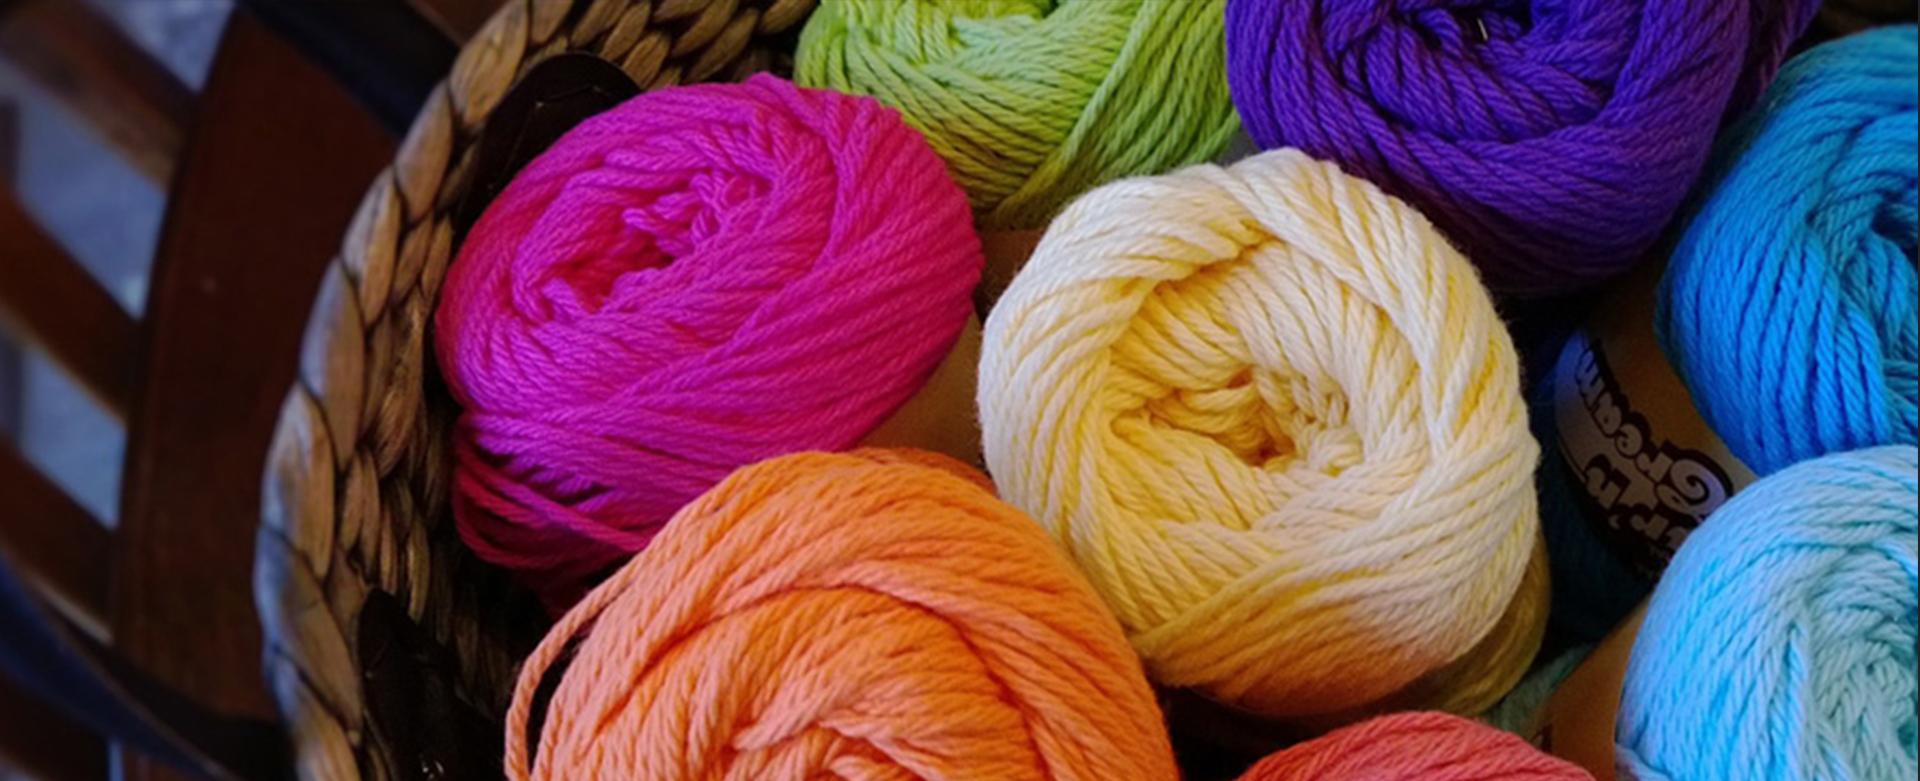 Crochet Yarn Australia Knitting Wool Perth Yarns On Collie